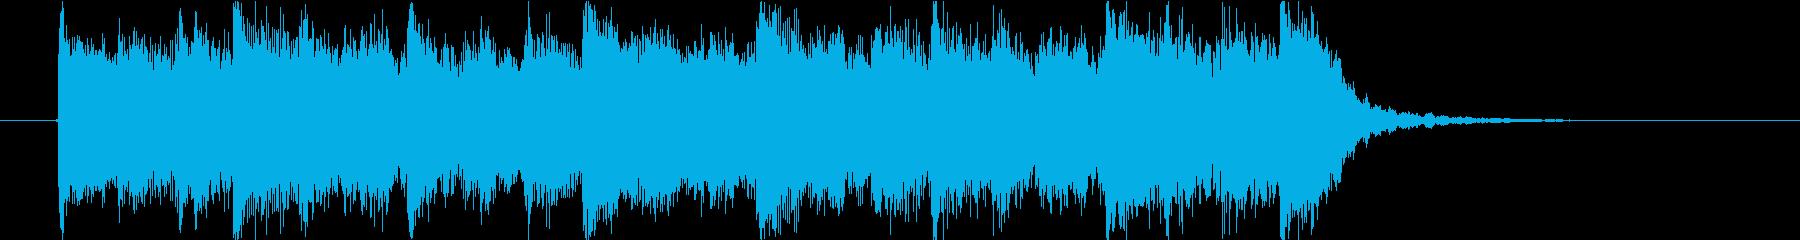 モンスターの唸り声とハロウィンのジングルの再生済みの波形